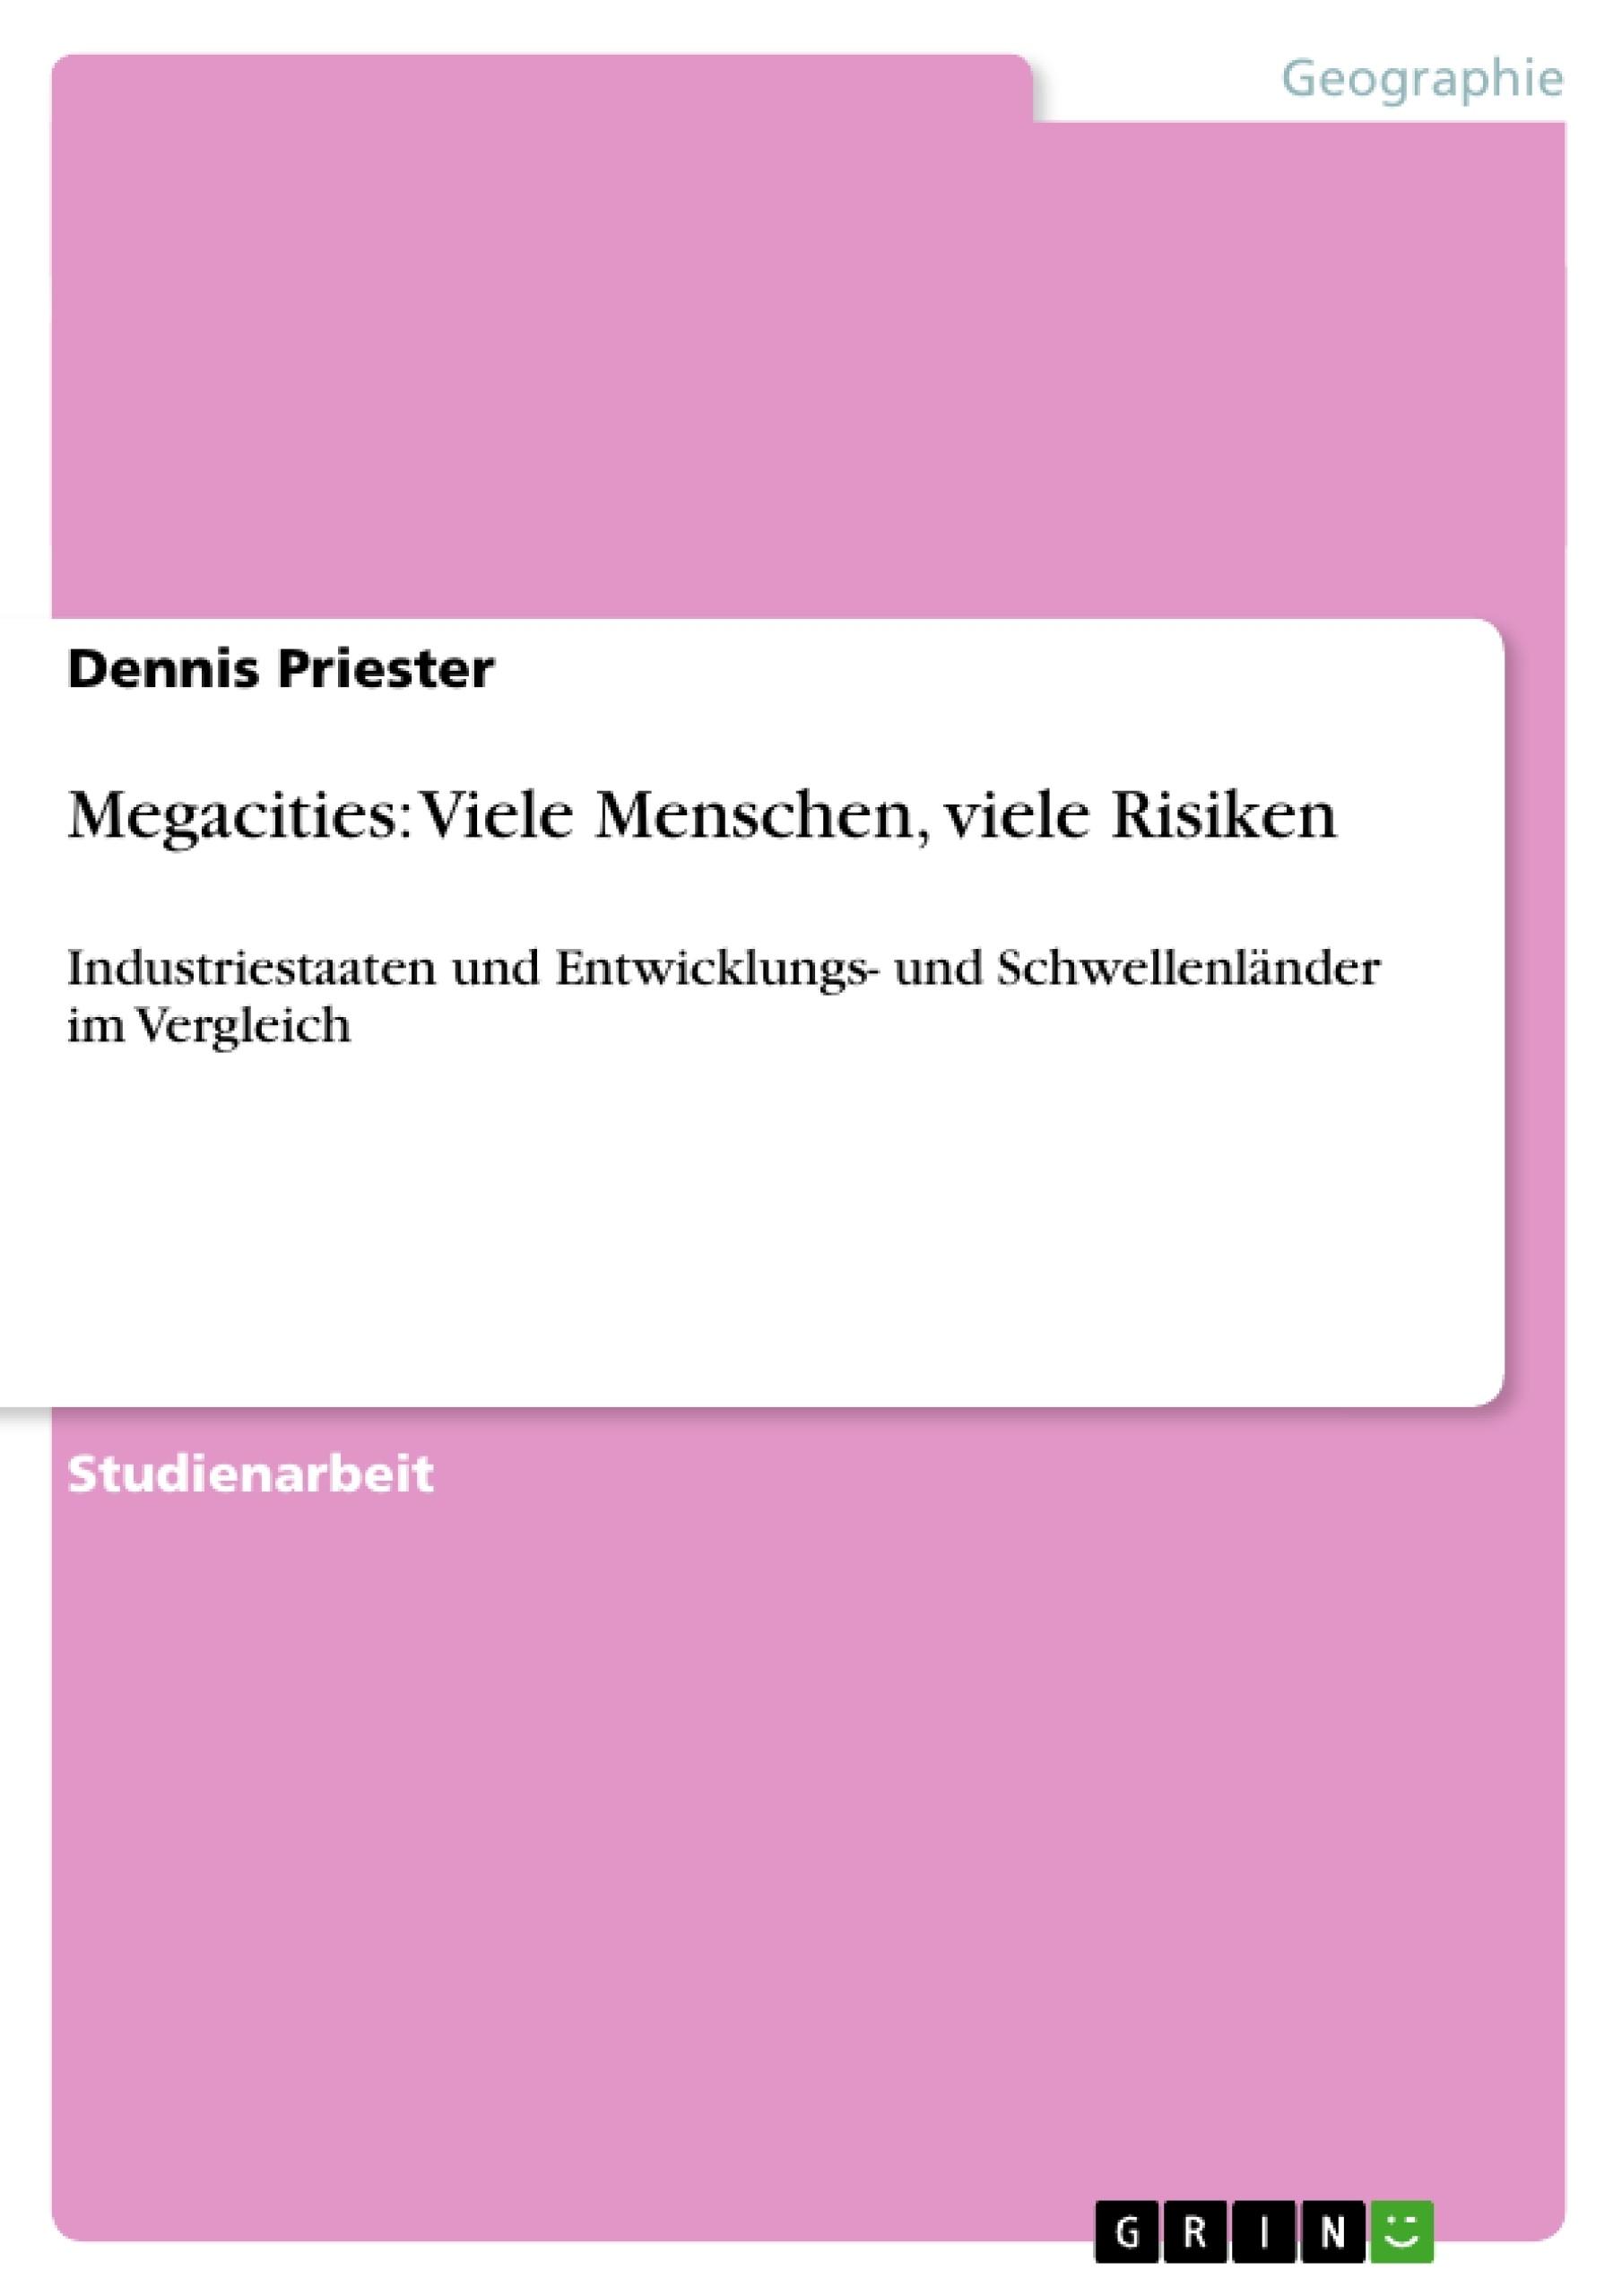 Titel: Megacities: Viele Menschen, viele Risiken